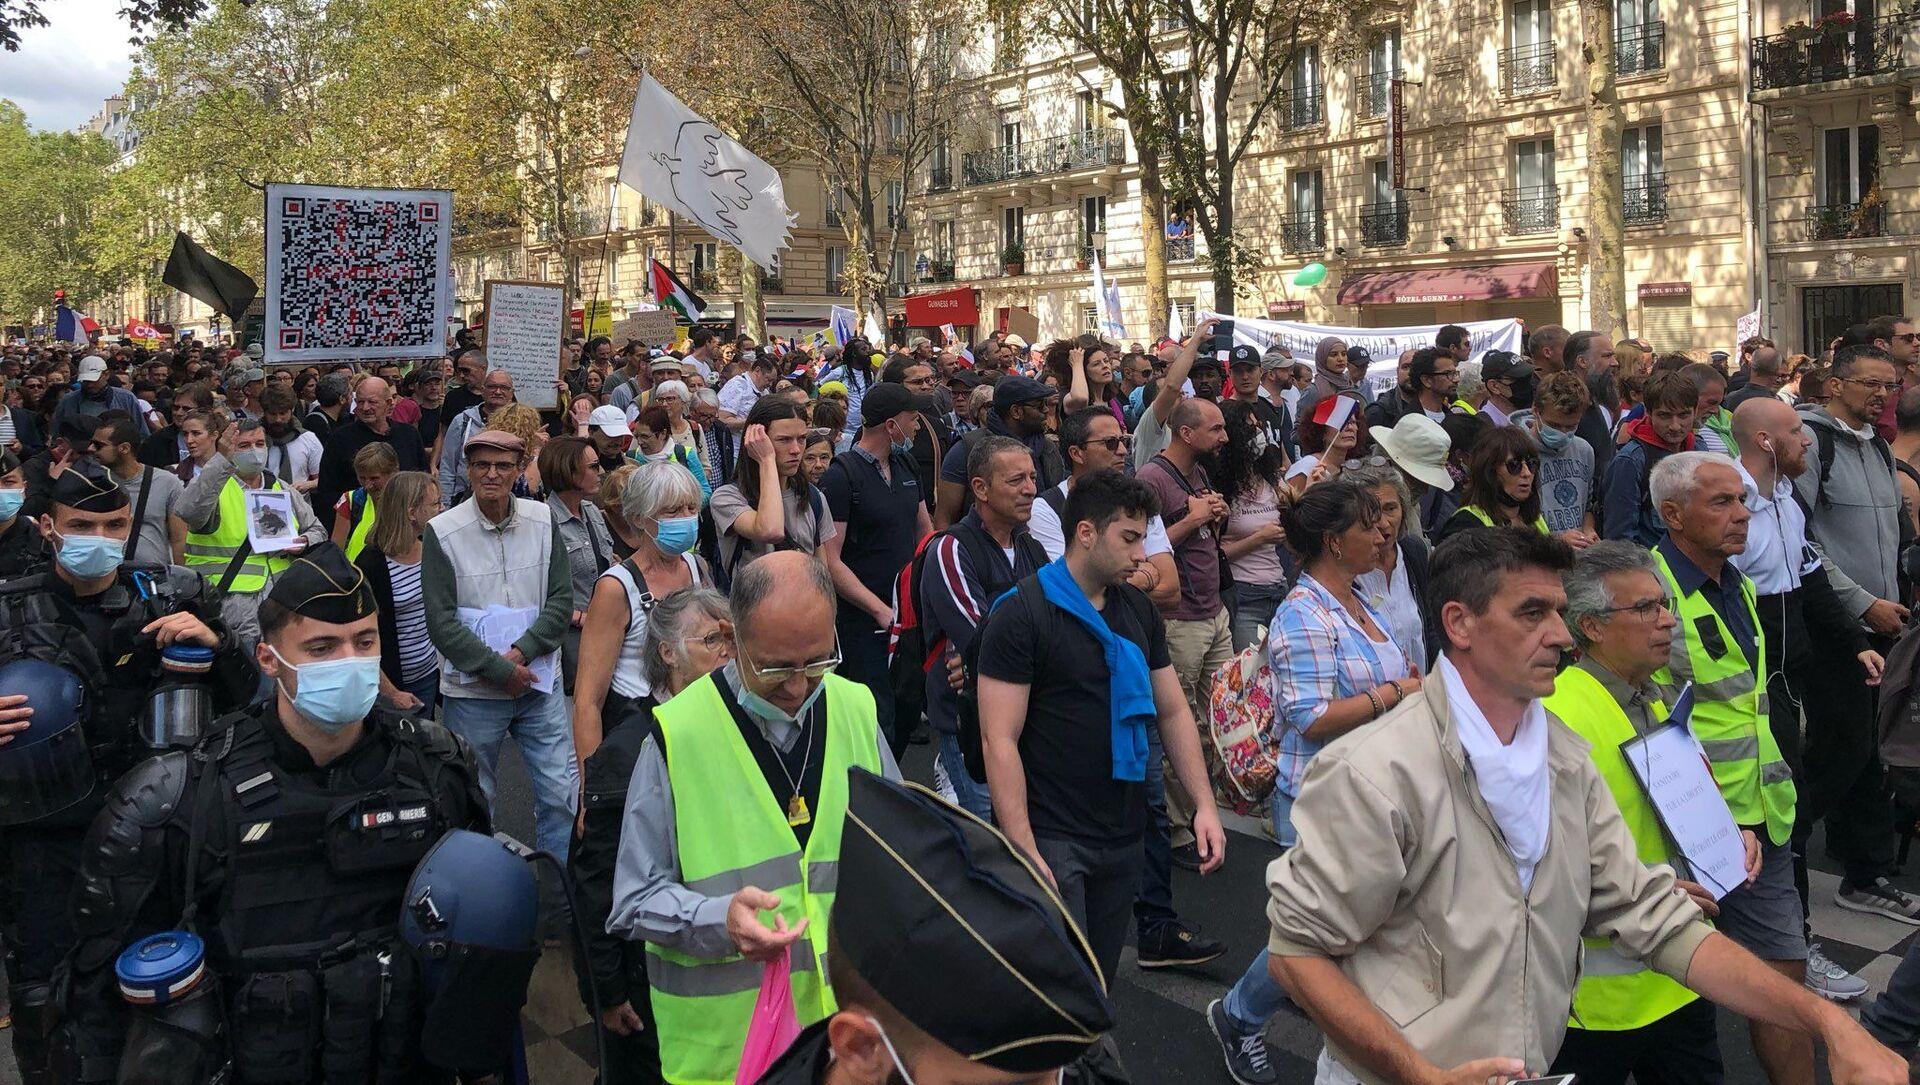 Septième week-end consécutif de mobilisation anti-pass sanitaire à Paris, 28 août 2021 - Sputnik France, 1920, 28.08.2021